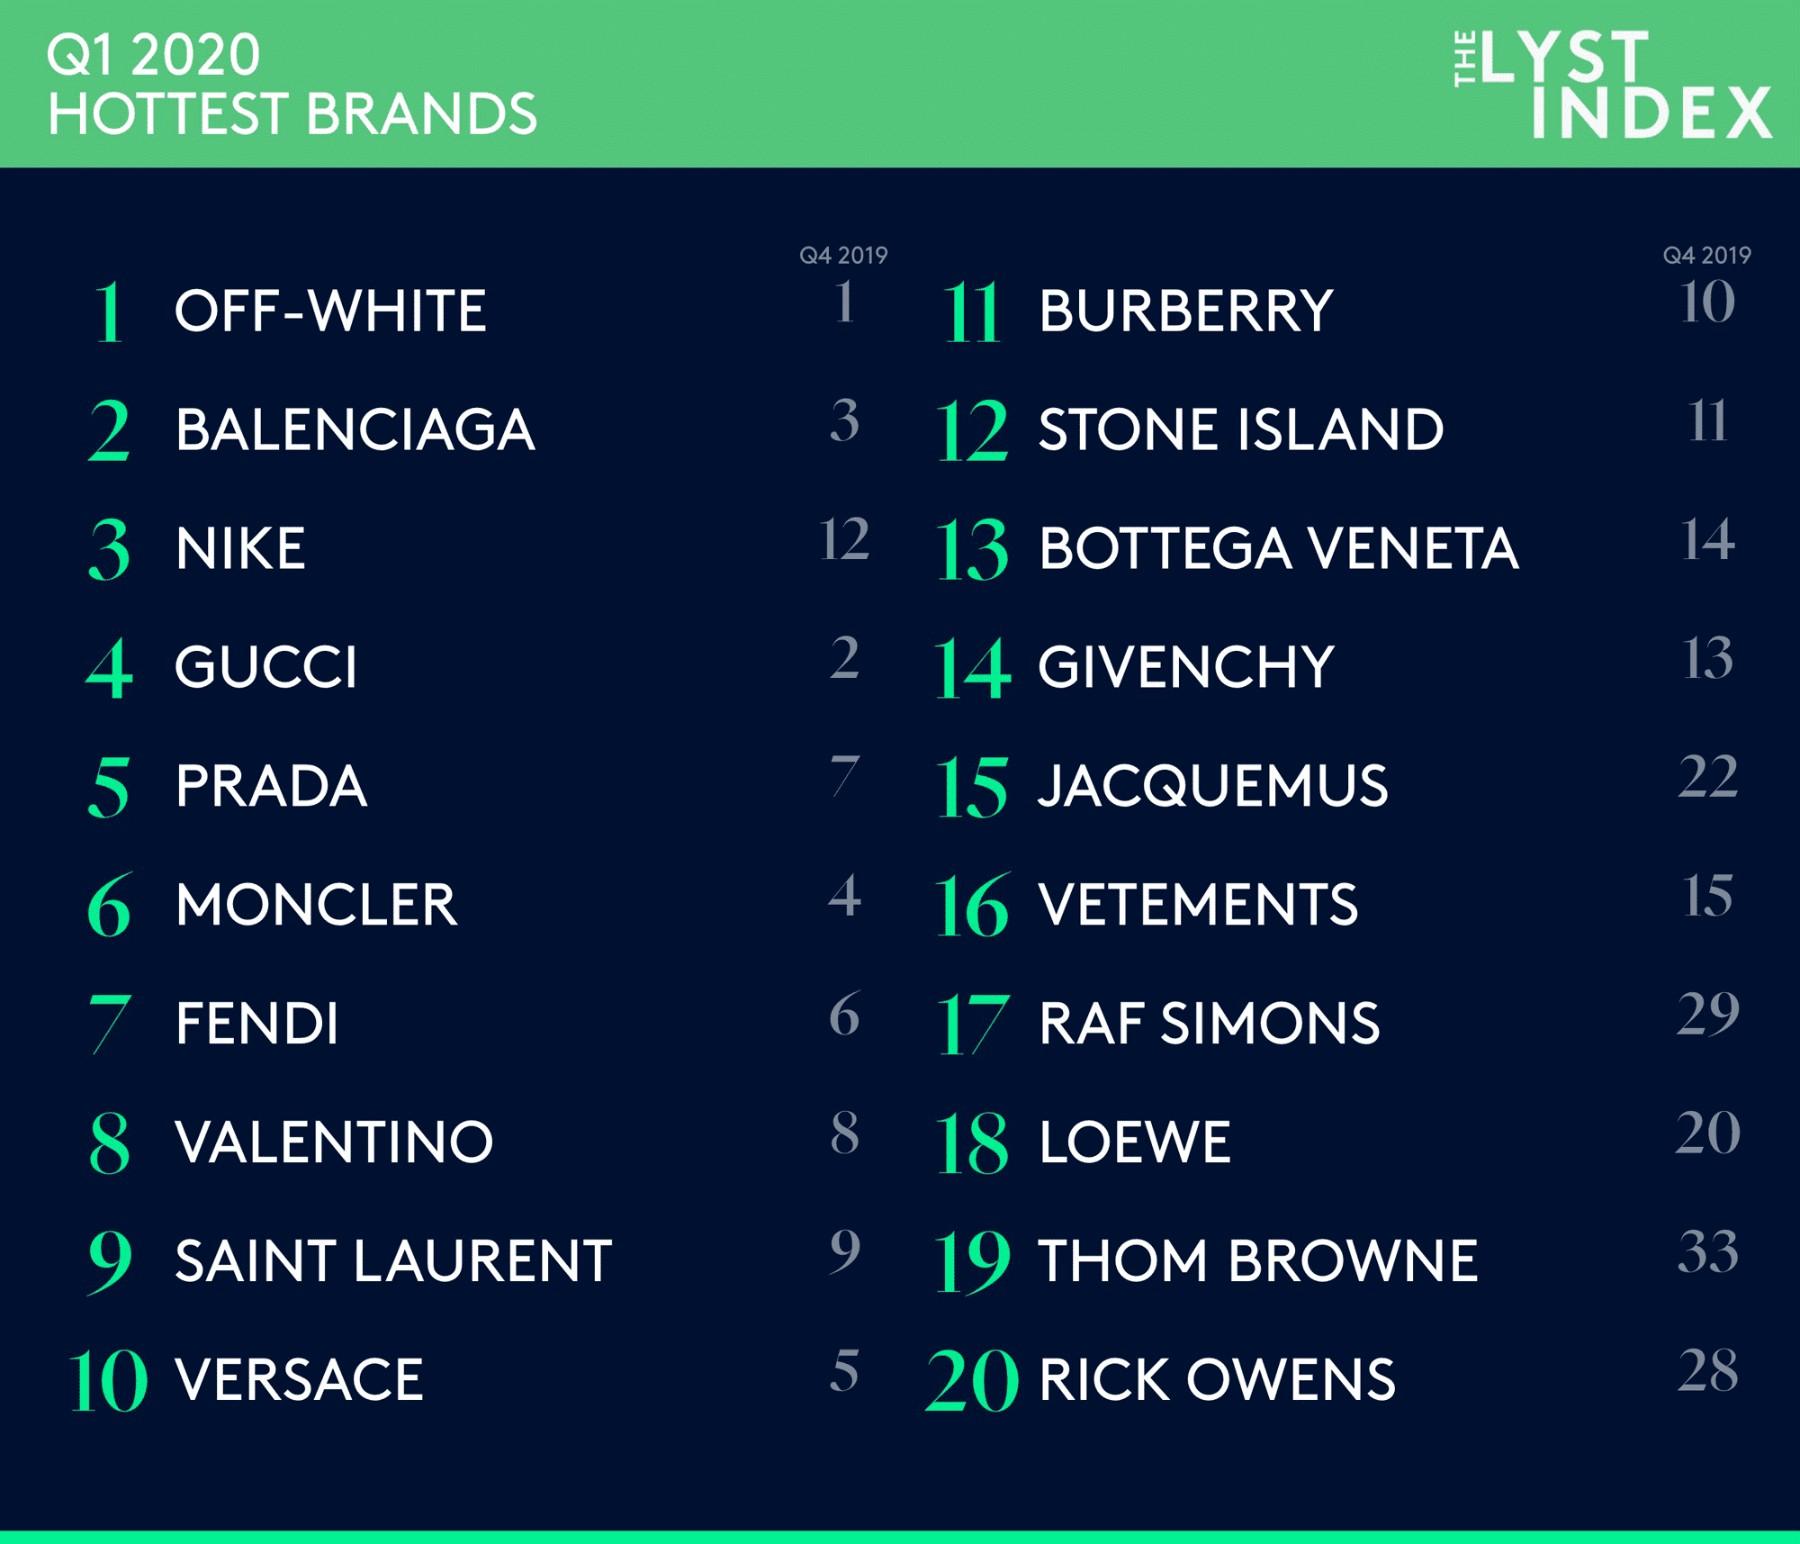 Lyst Index Hottest Brand 2020